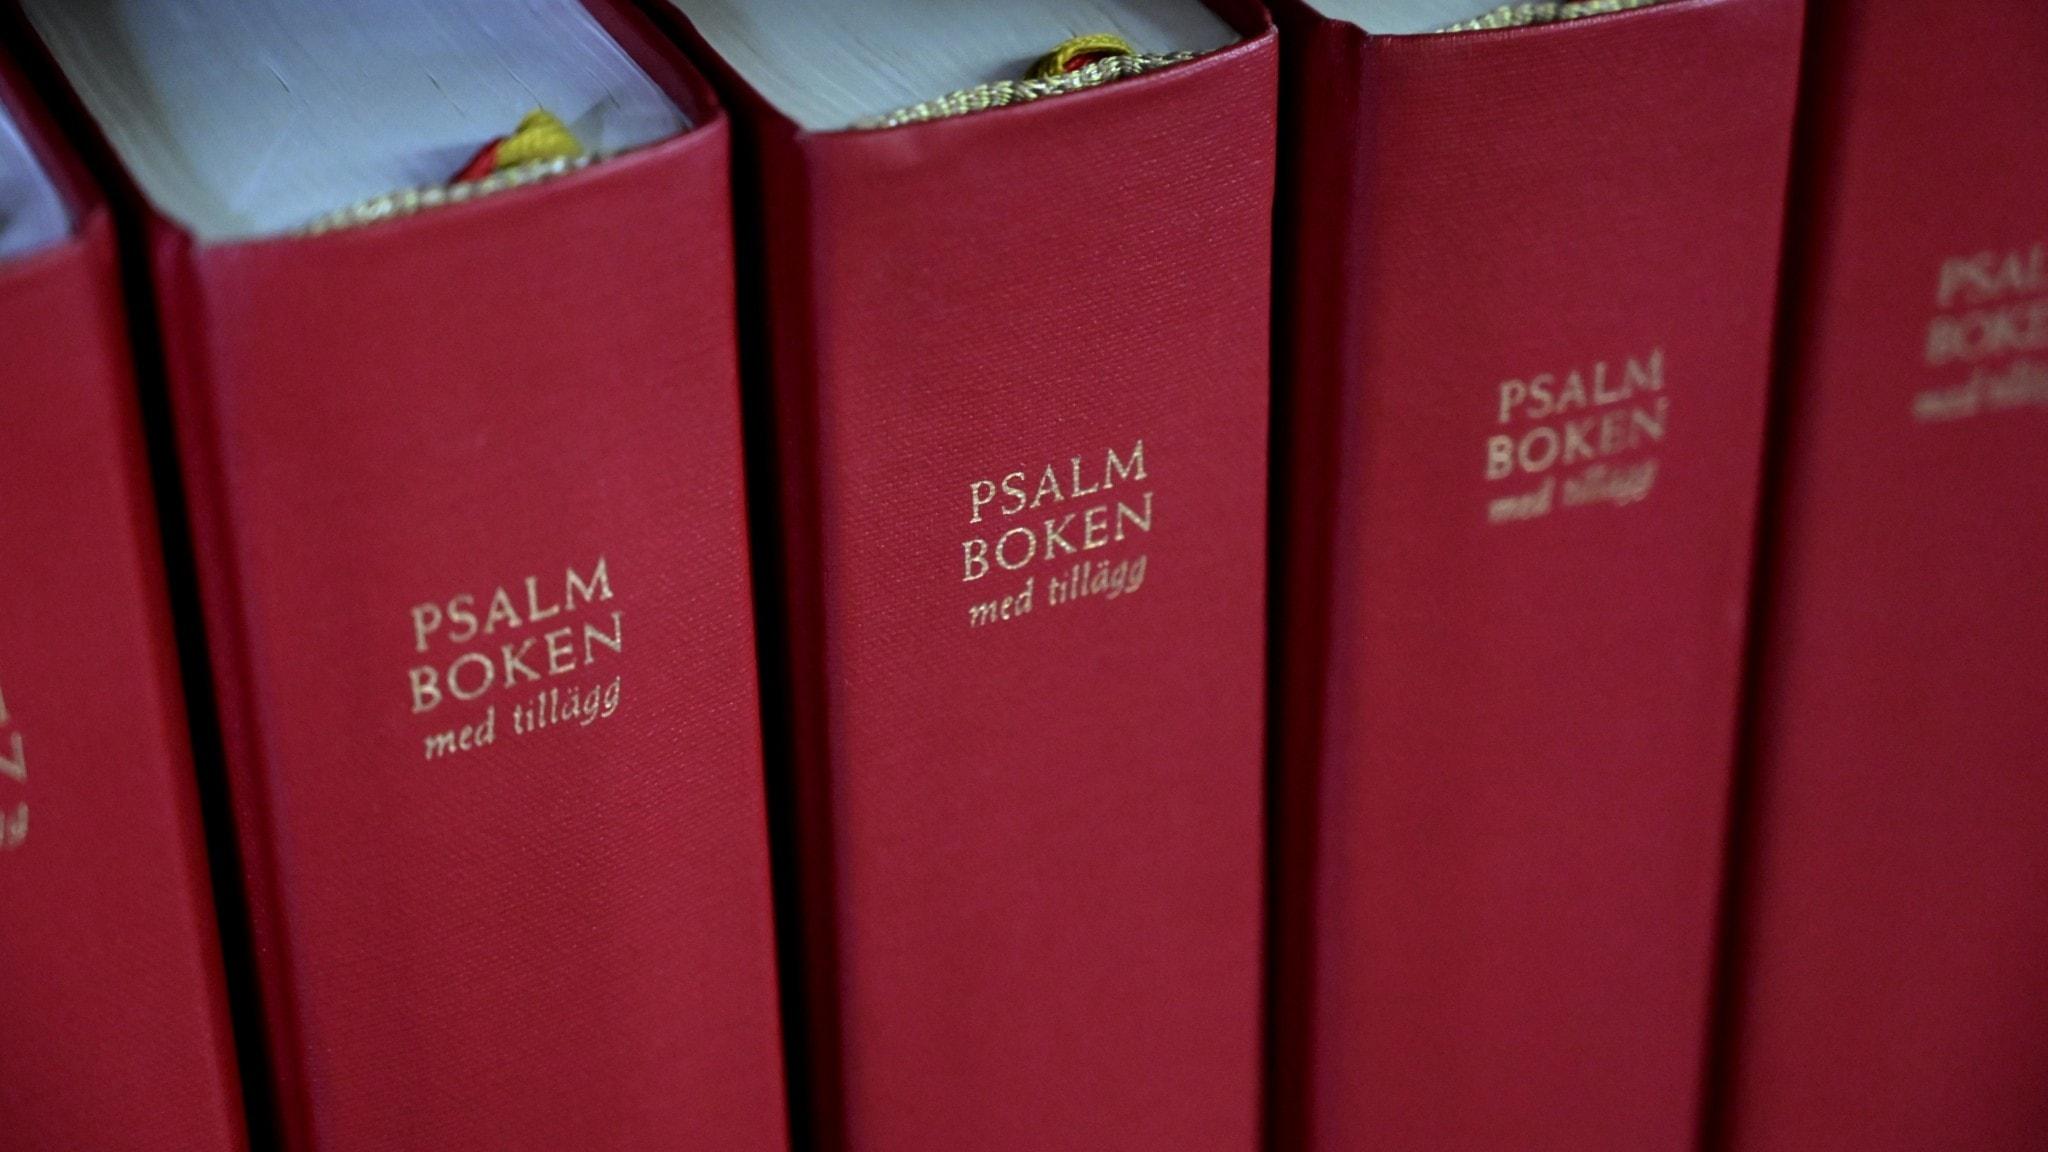 Den svenska psalmboken